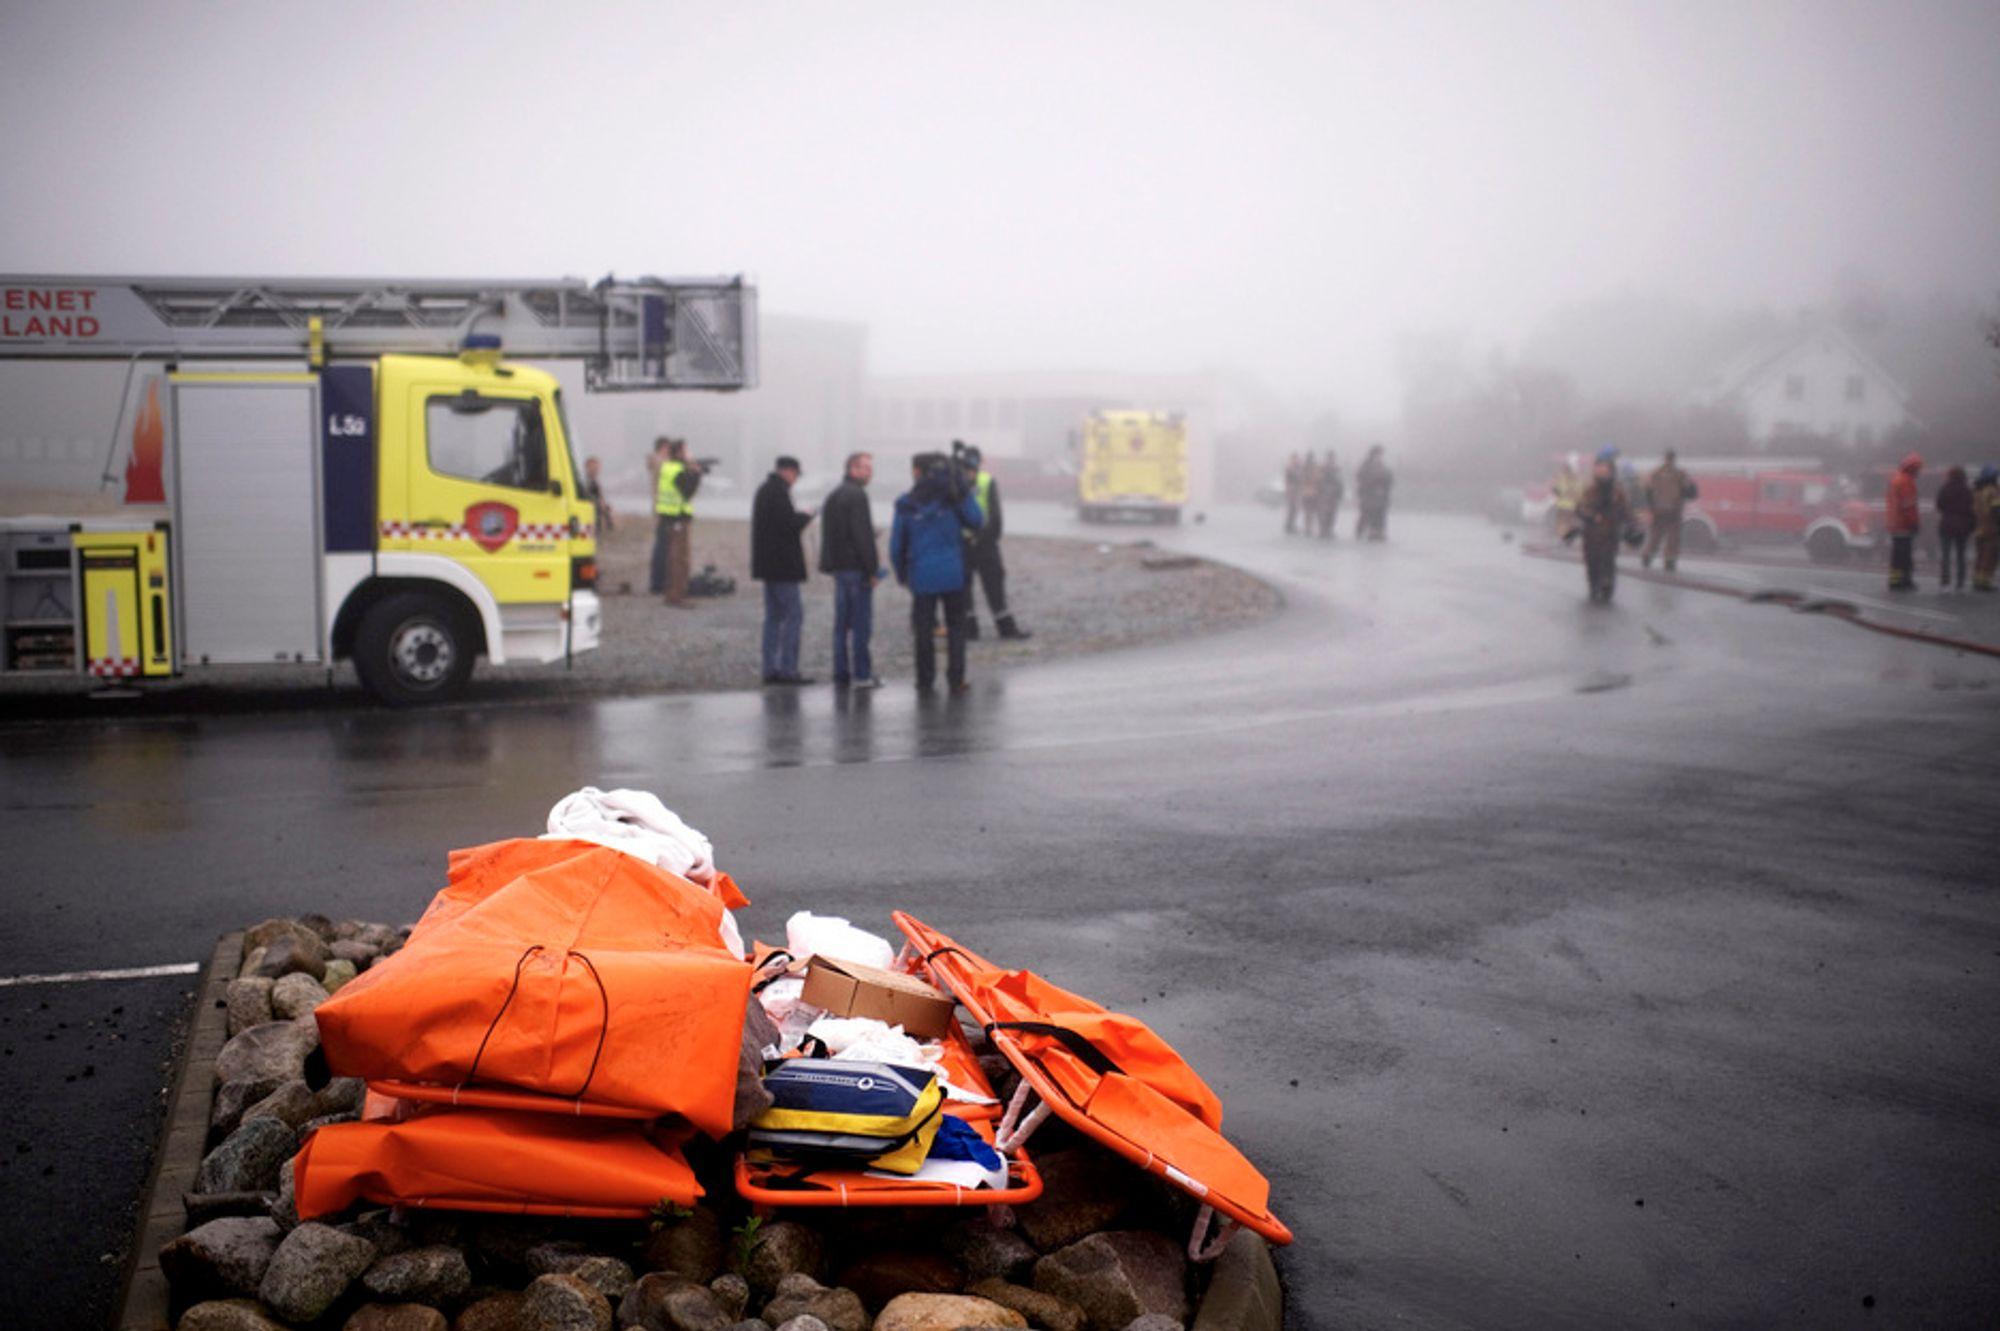 Politiet fikk mandag formiddag melding om en eksplosjon ved oljeserviceselskapet Malm Orstad på Voll i Klepp.